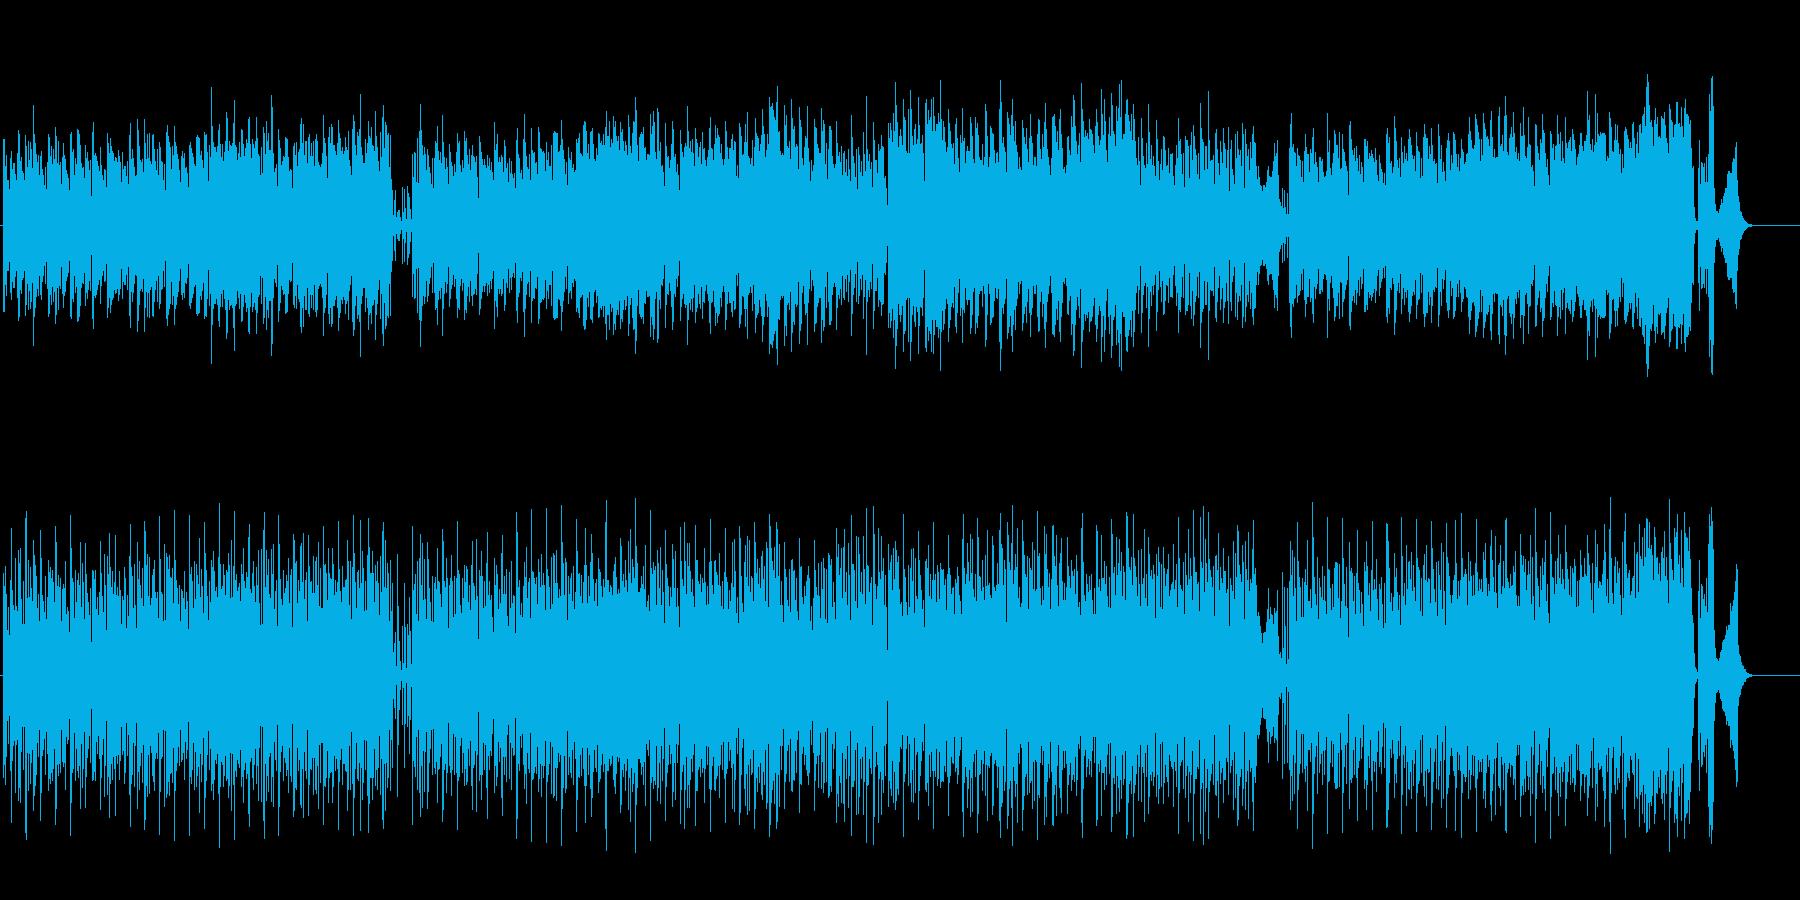 ノスタルジックな欧州円舞曲風の再生済みの波形